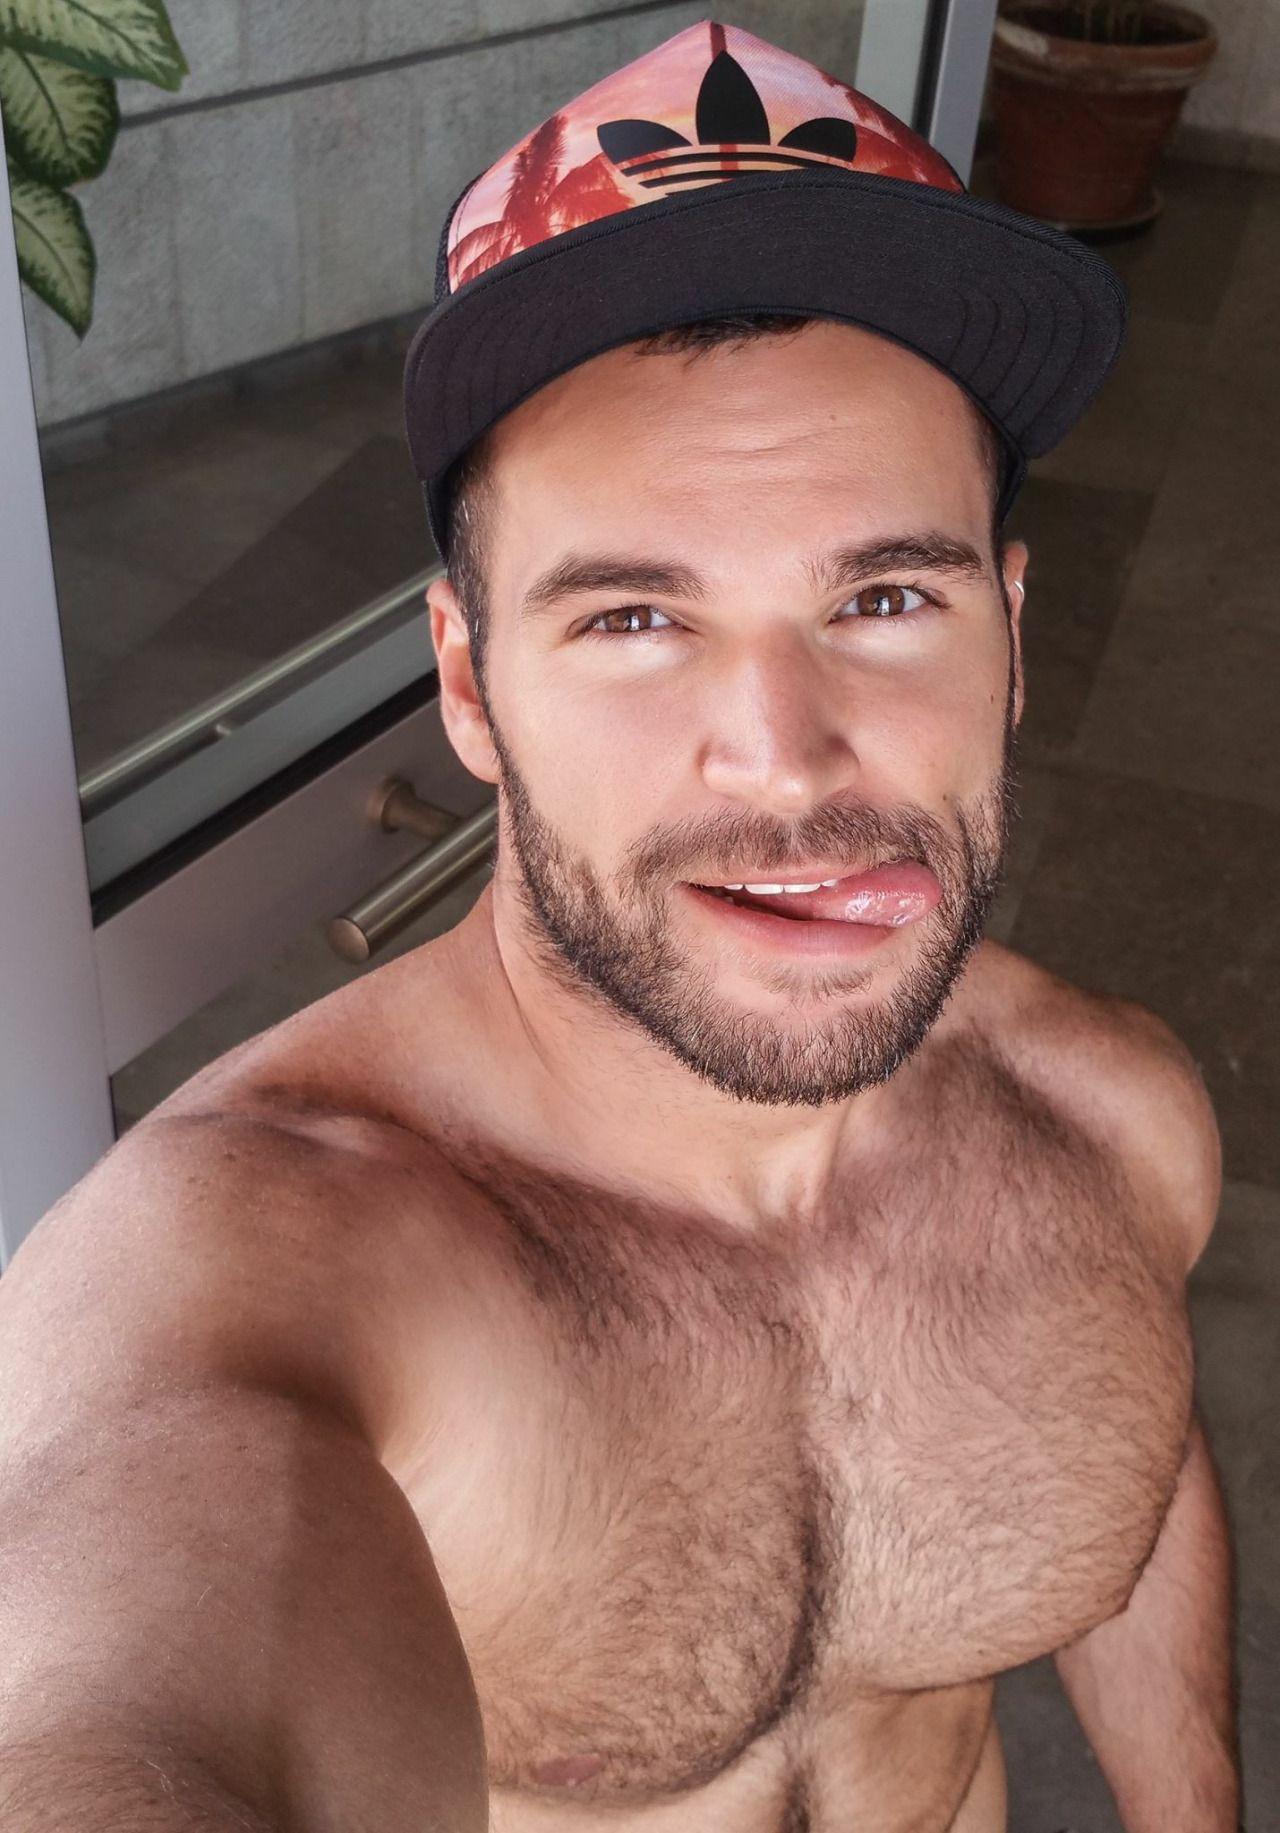 Ich liebe BHs, ich ziehe nur meinen BH aus, wenn ich ins Bett gehe :)